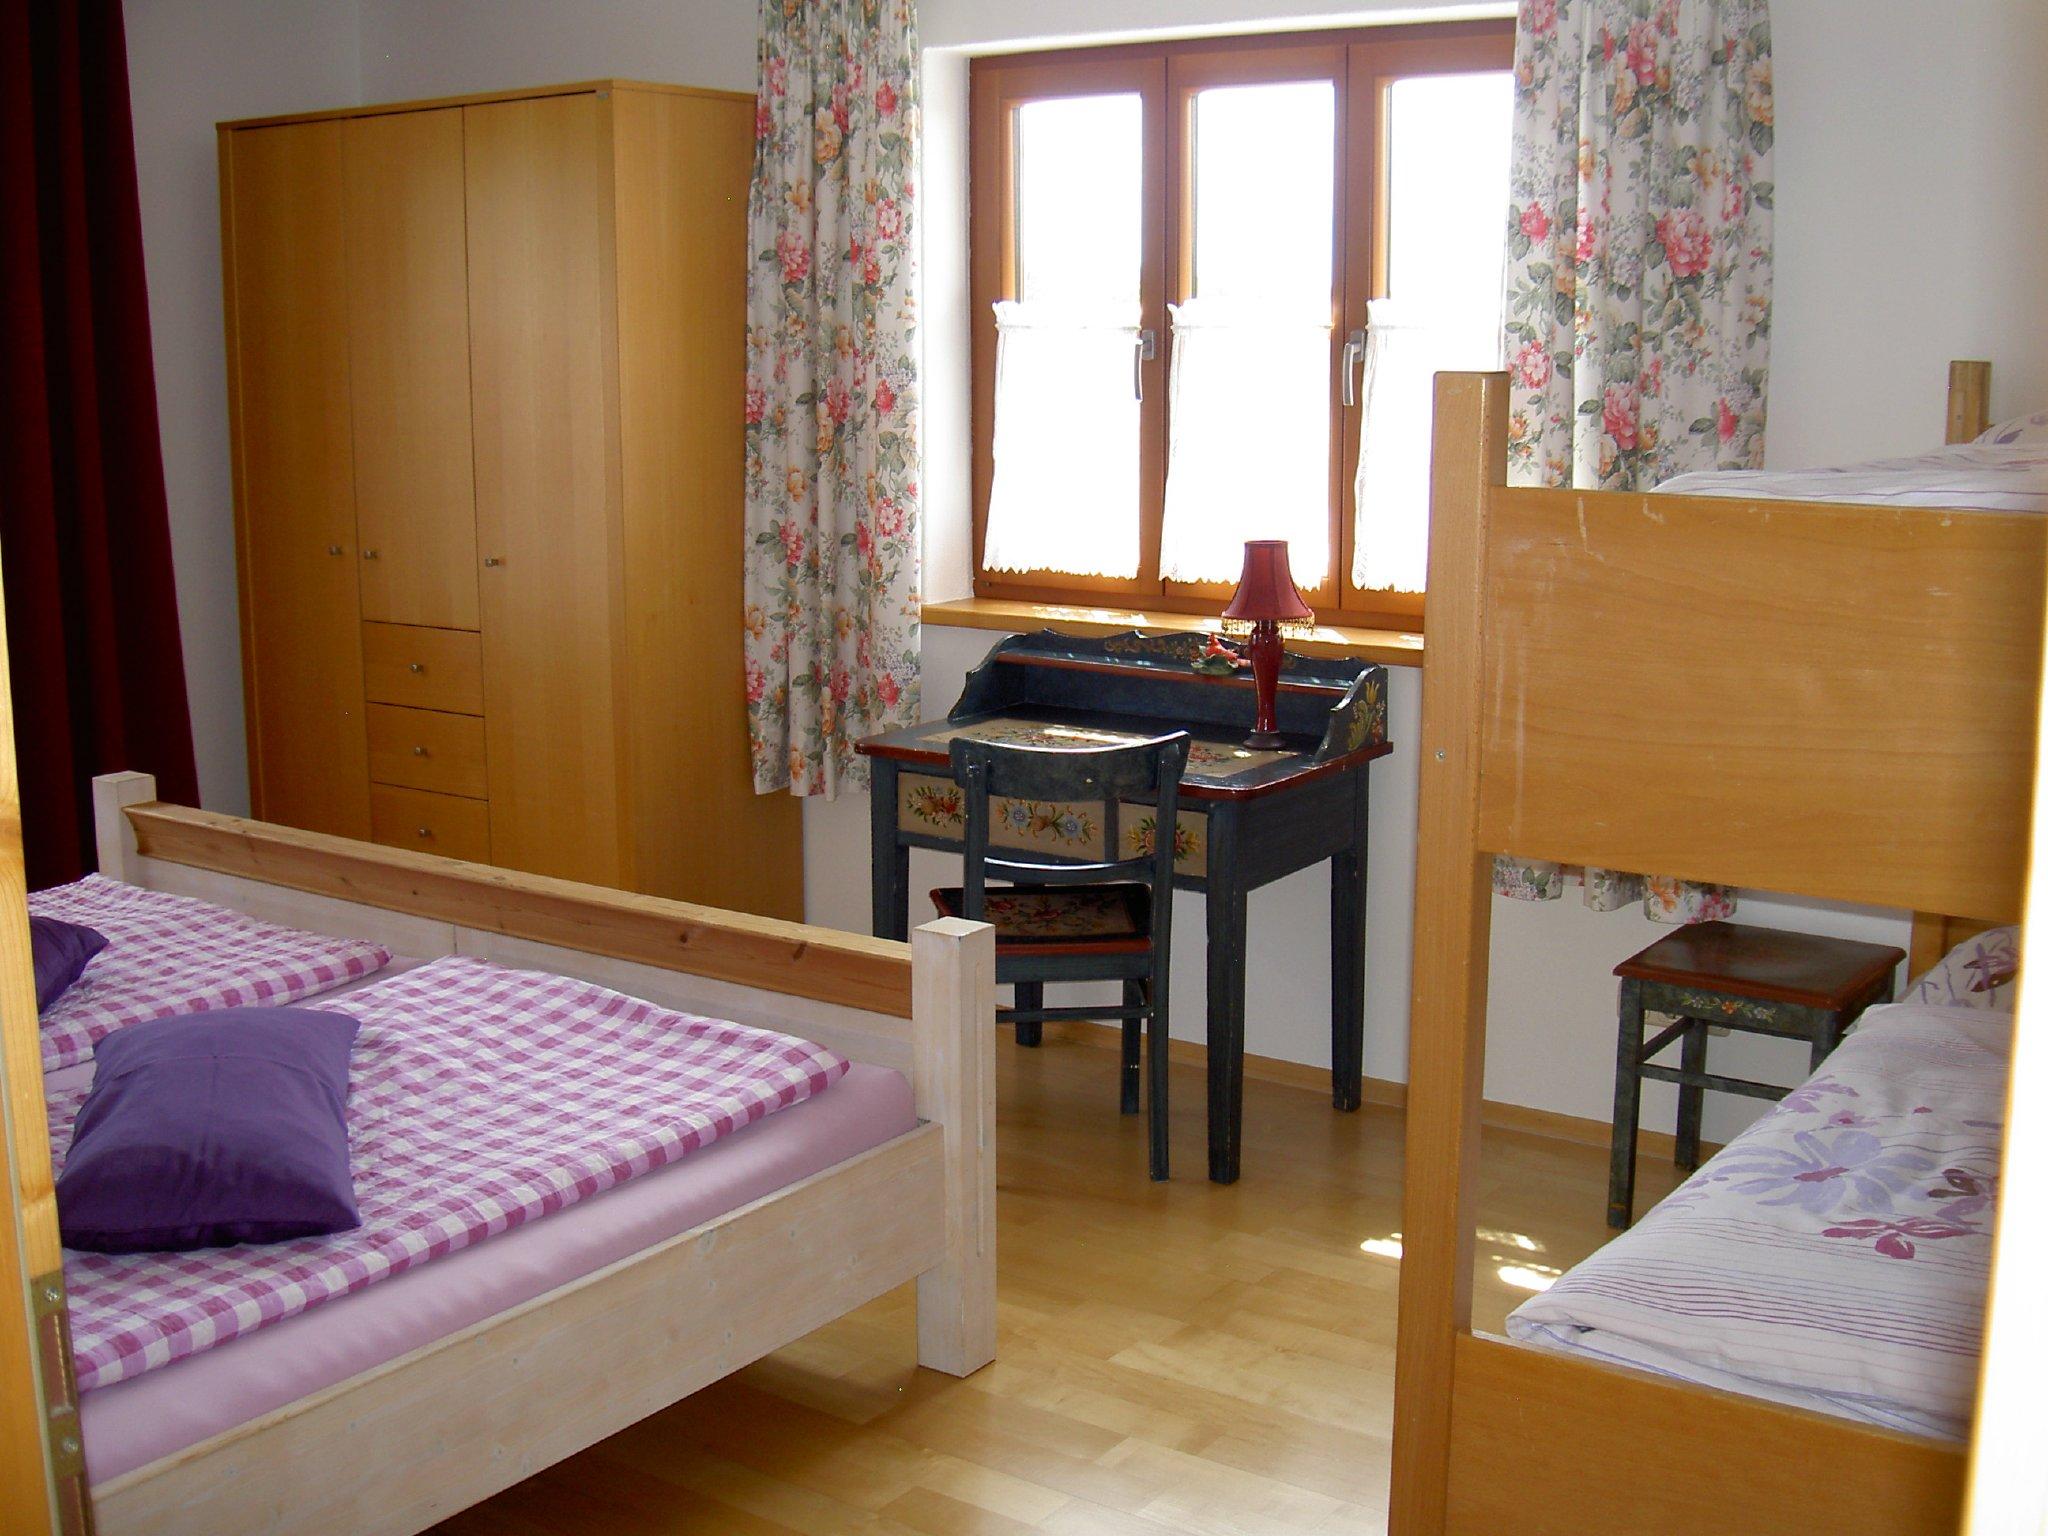 Schlafzimmer: bemalte Bauernm�bel